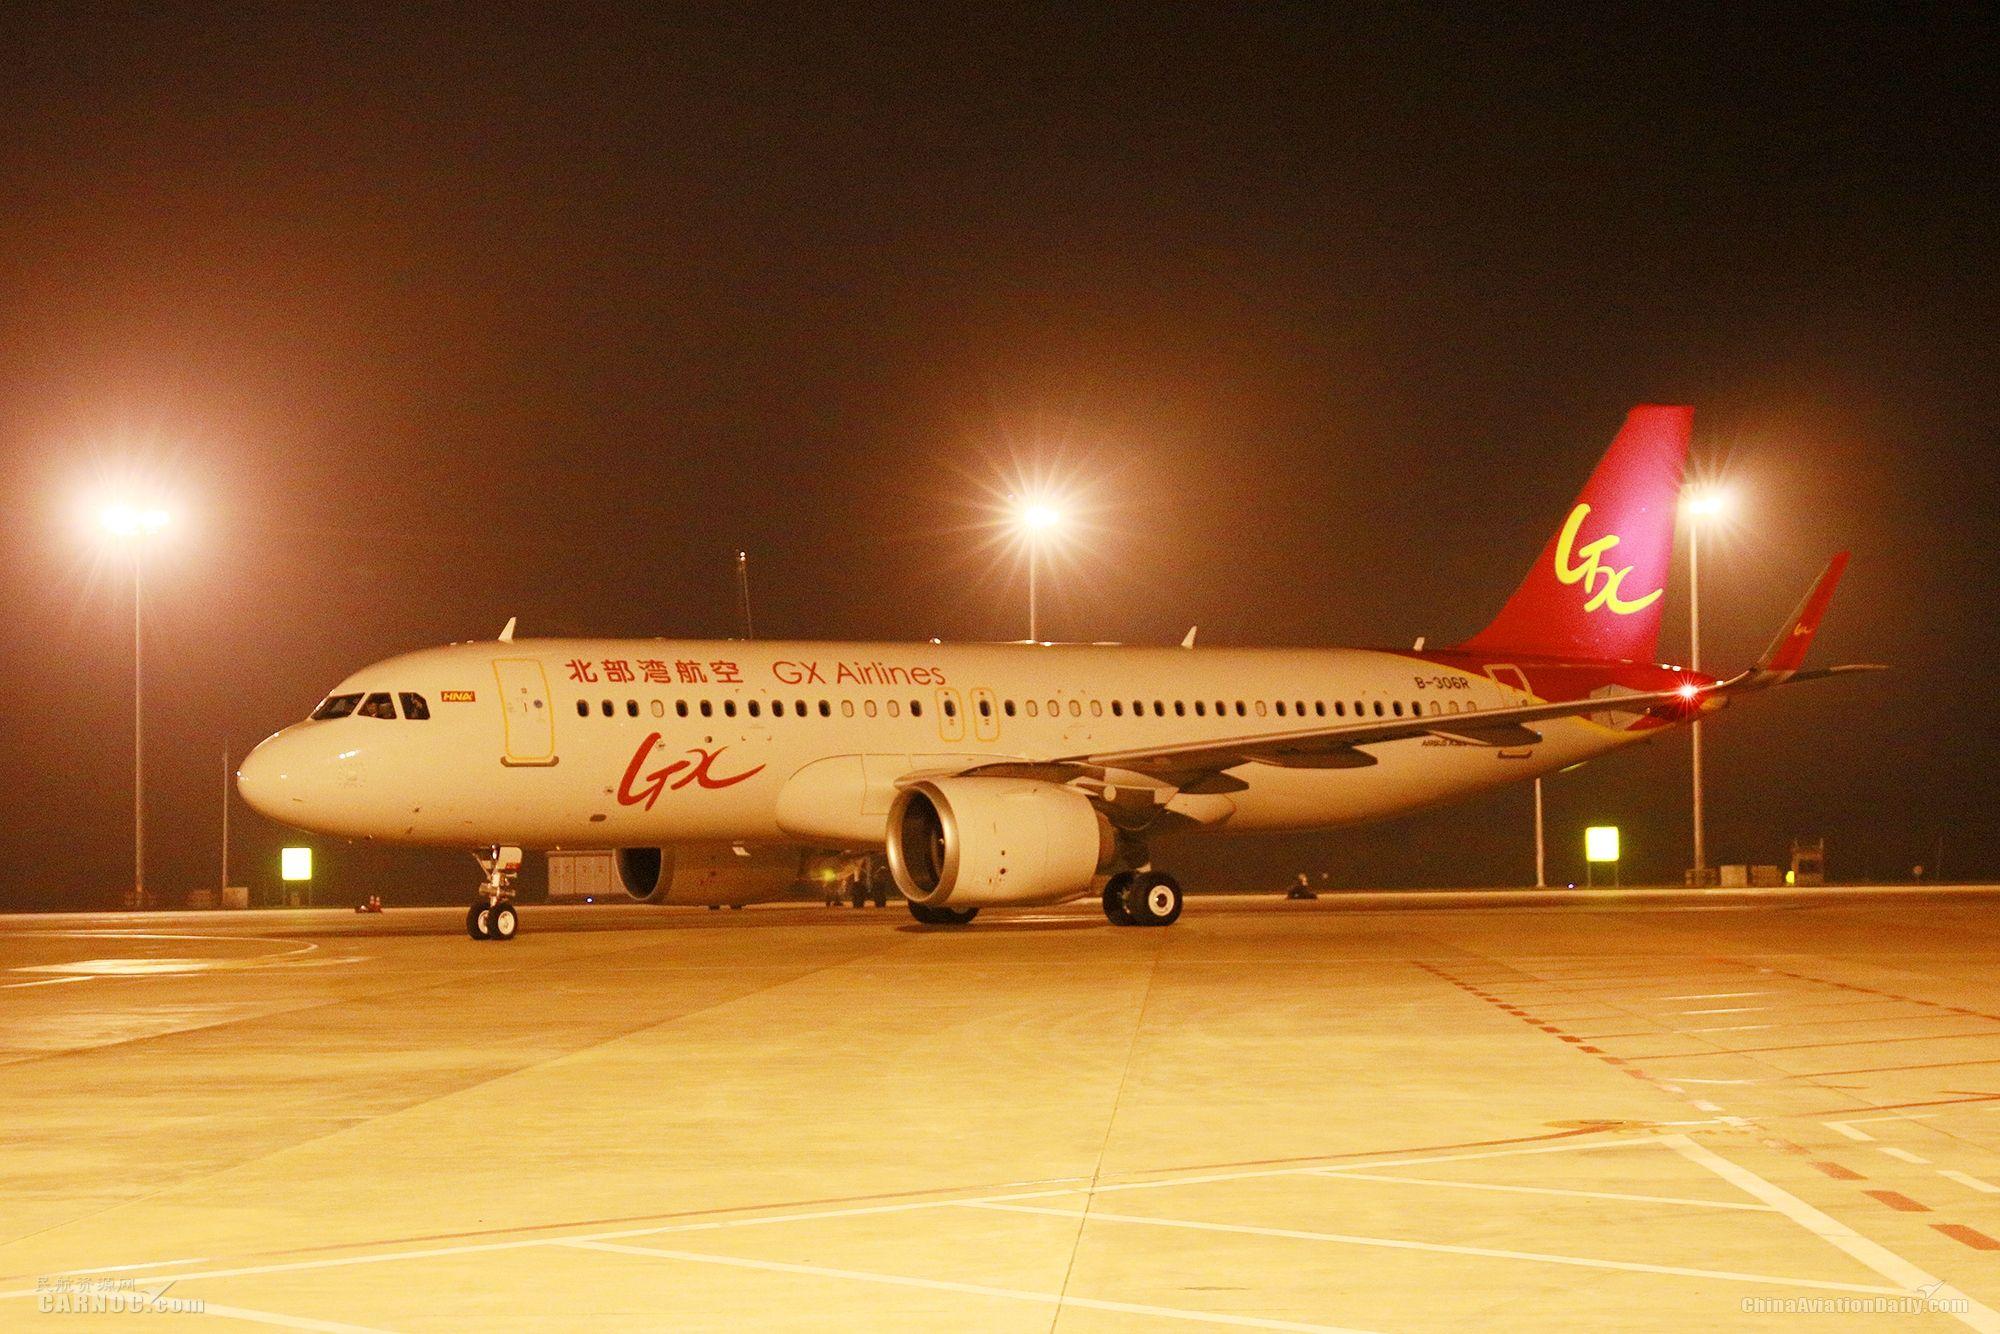 北部湾航空机队再添新成员 机队规模达27架